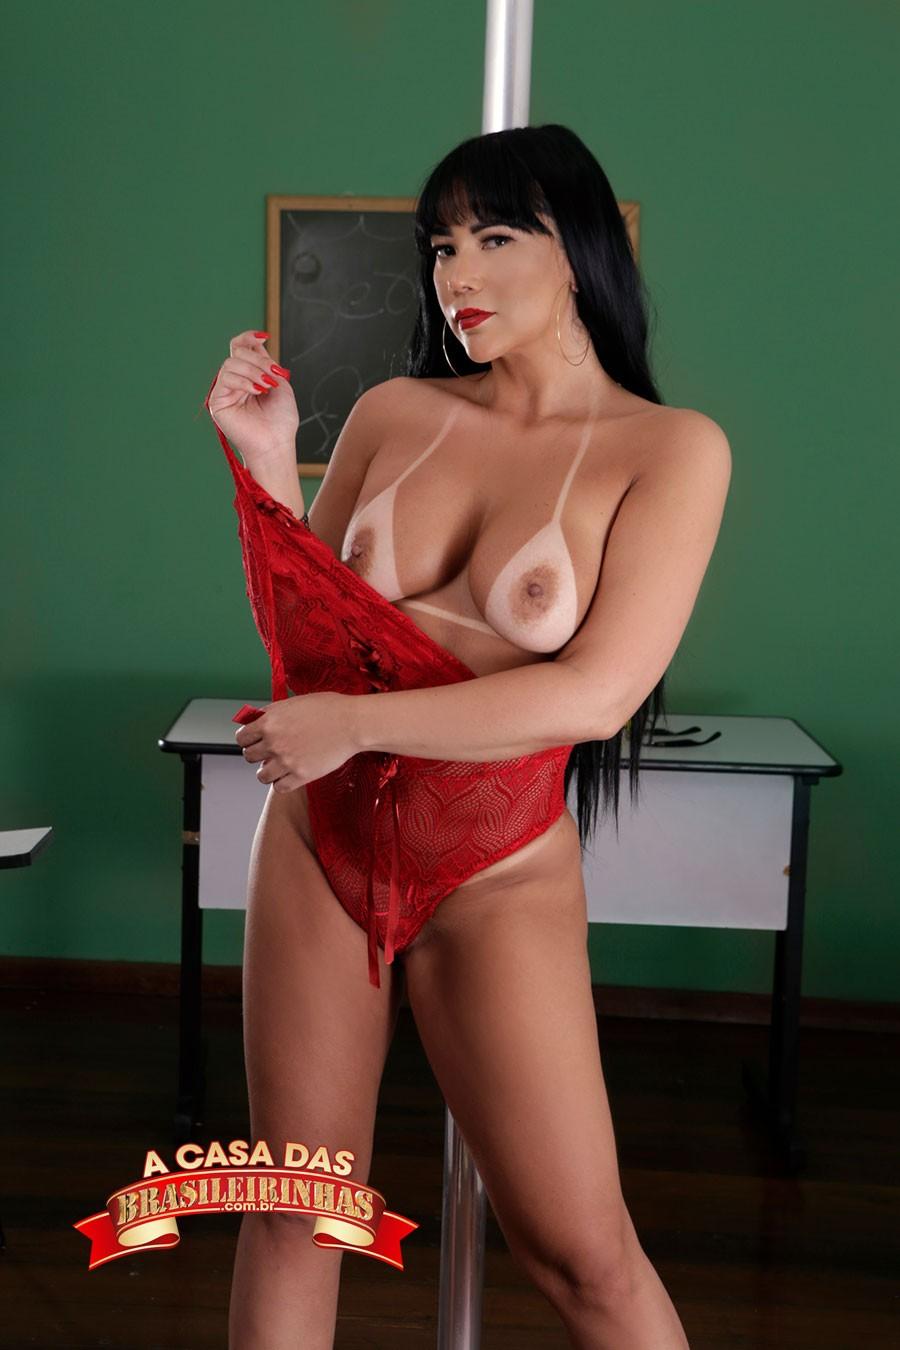 Anne-Midori-tirando-a-roupa.jpg